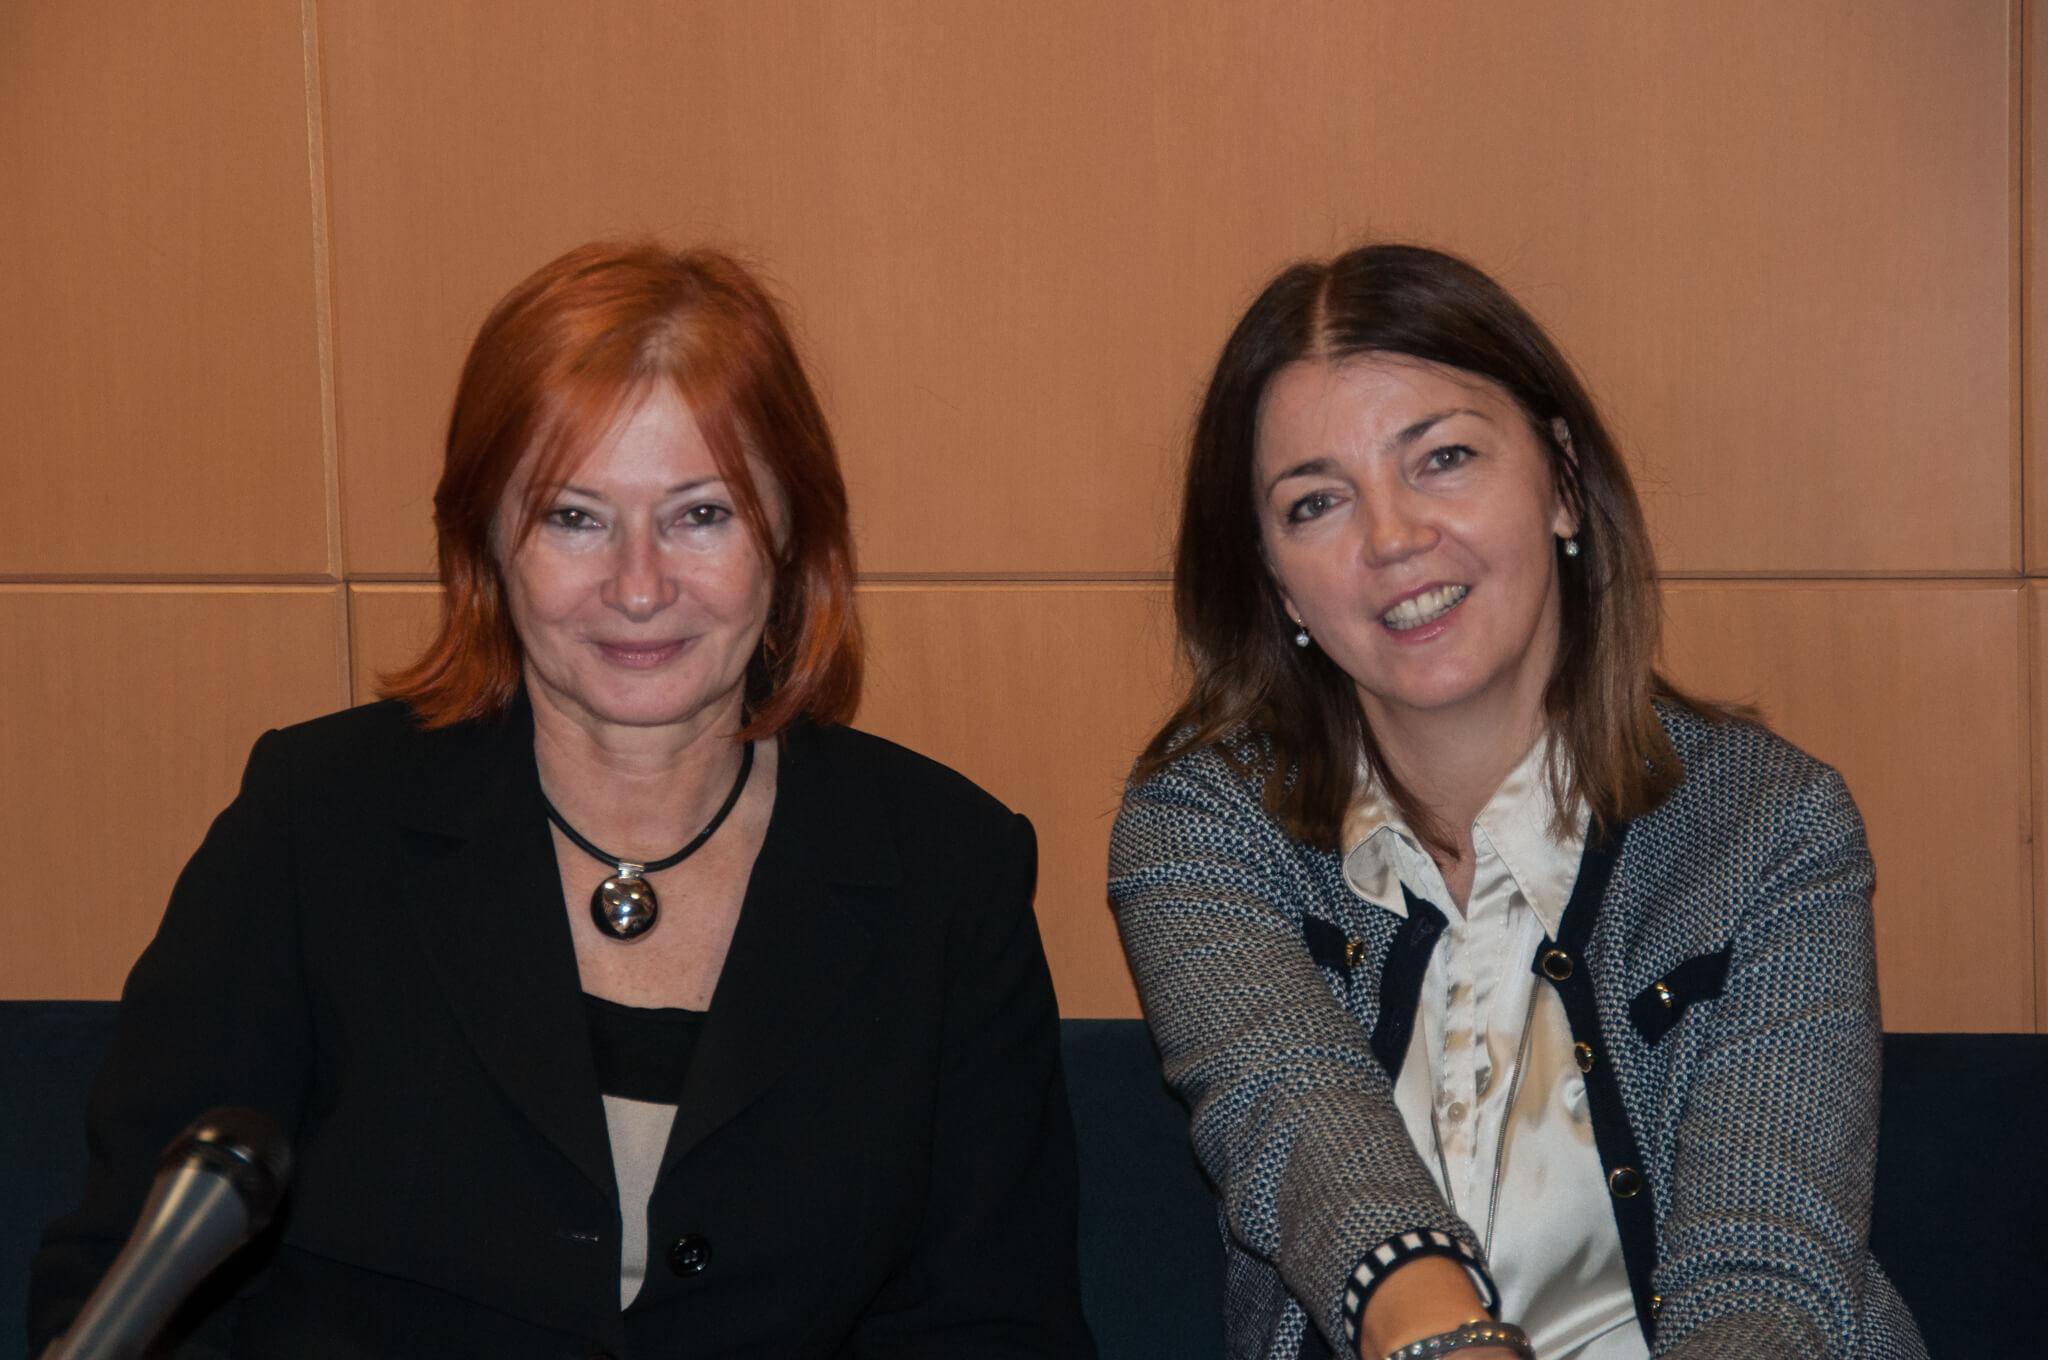 Voditeljca tribine dr. sc. Željka Lovrenčić i književnica i publicistkinja Nela Stipančić Radonić.